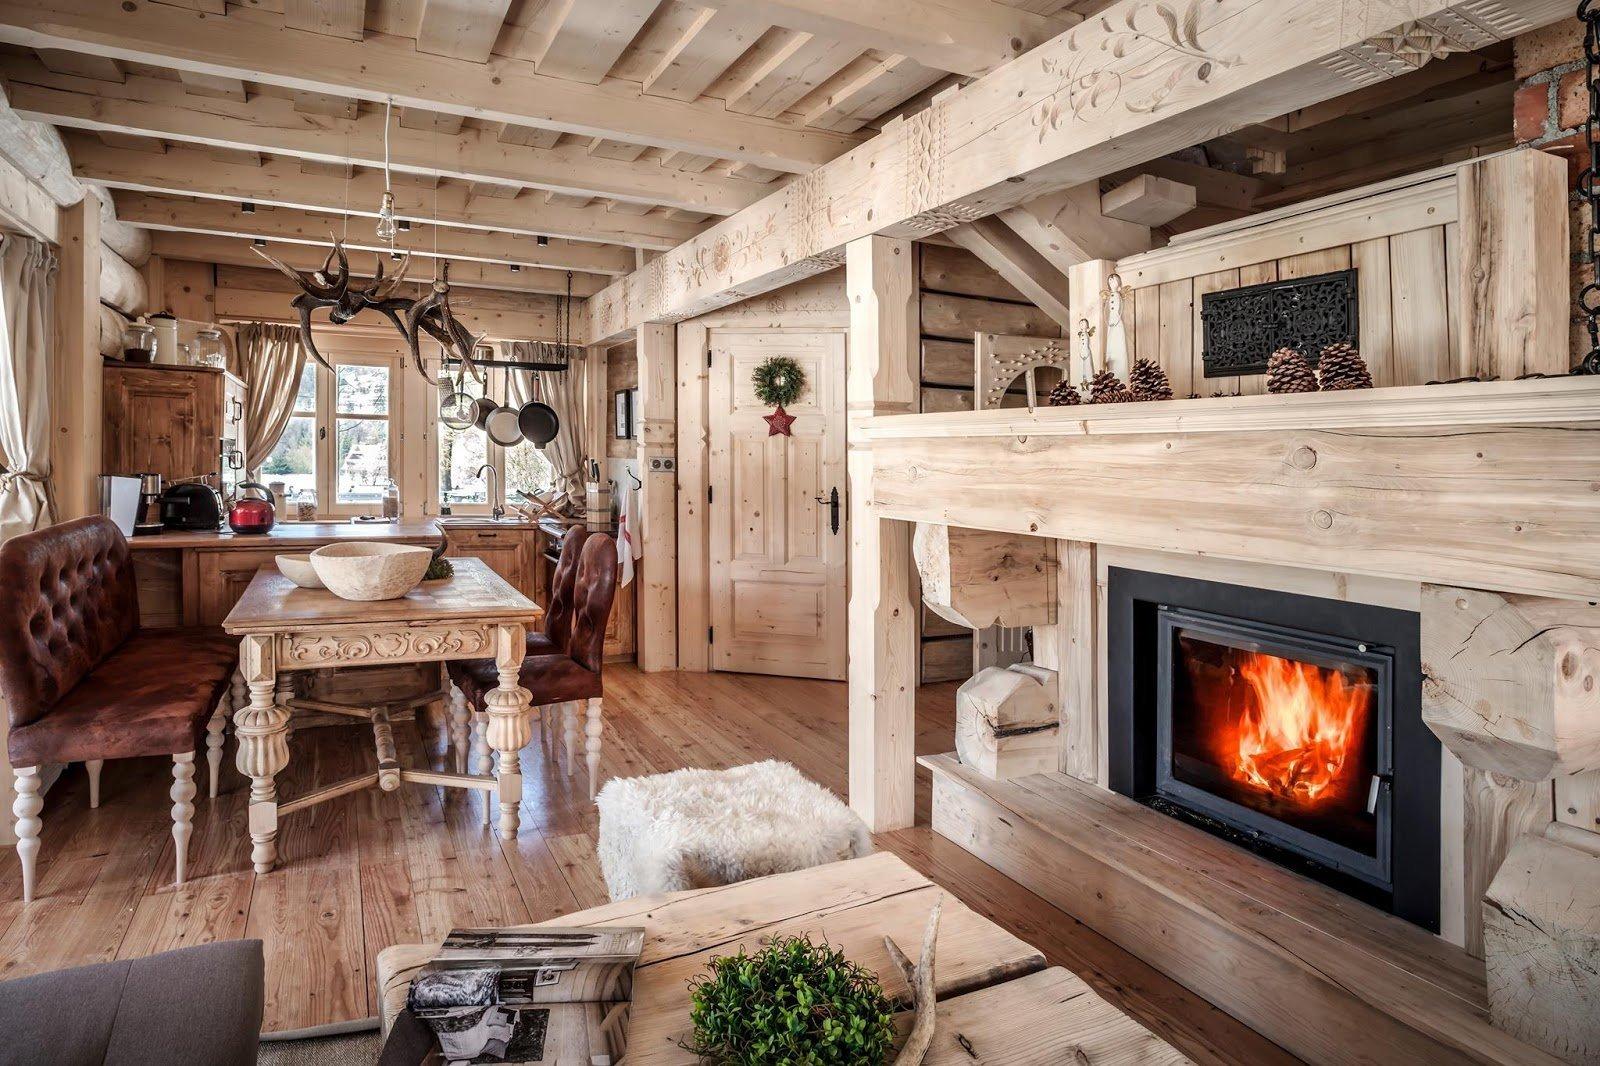 Kdo by si na chvíli nepřál uniknout z reality a relaxovat v přírodě? Pro ty, co nejsou zrovna velkými fanoušky stanování v lese a rádi si užijí v krásném prostředí, existuje místo, které by se vám mohlo líbit. Vesnička jako z pohádky, která je dílem jedné šikovné polské architektky.